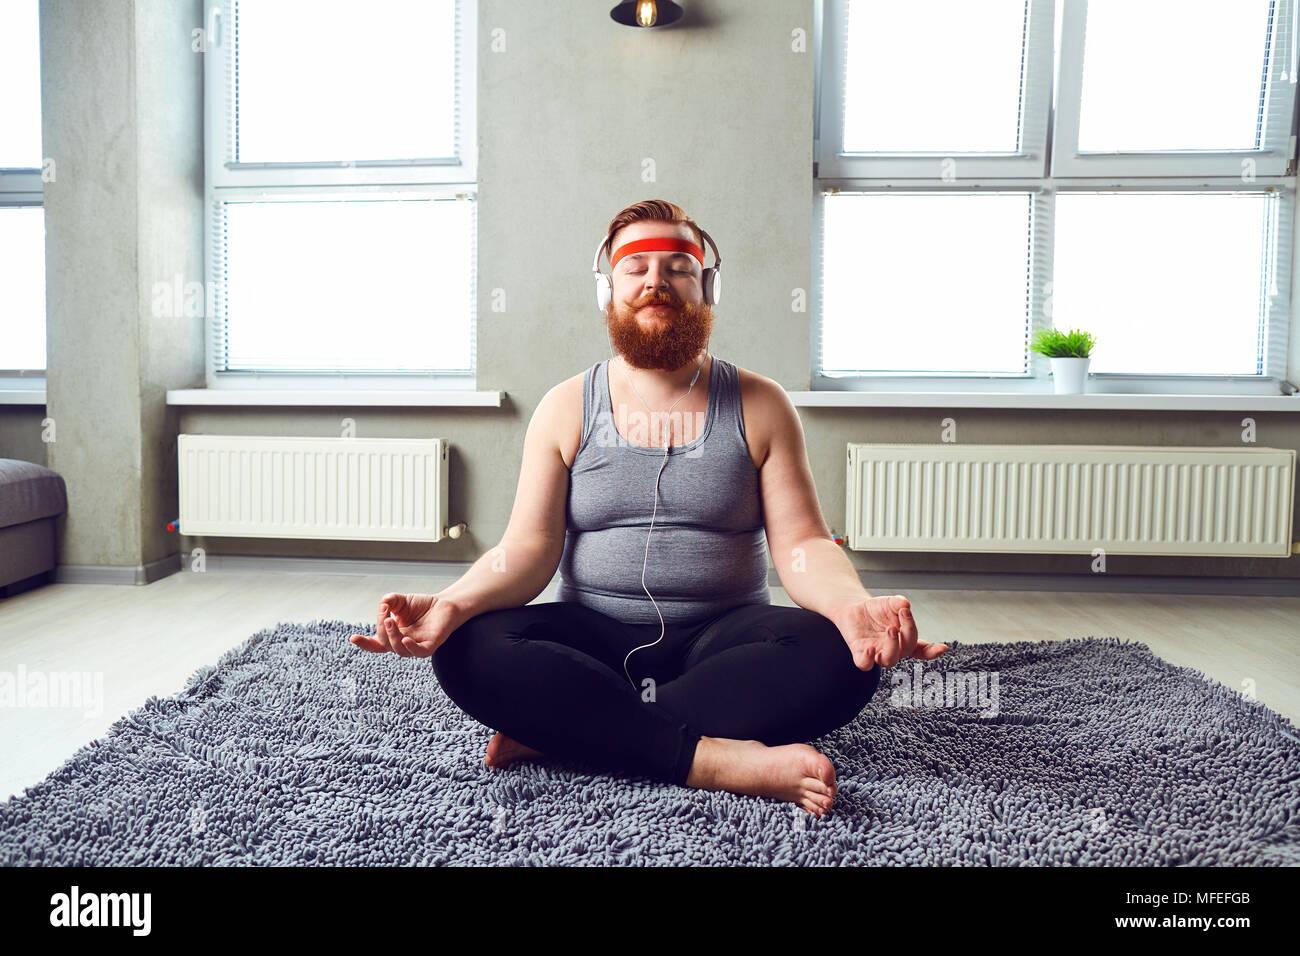 Un drôle de gros barbu dans les casques n'yoga. Photo Stock